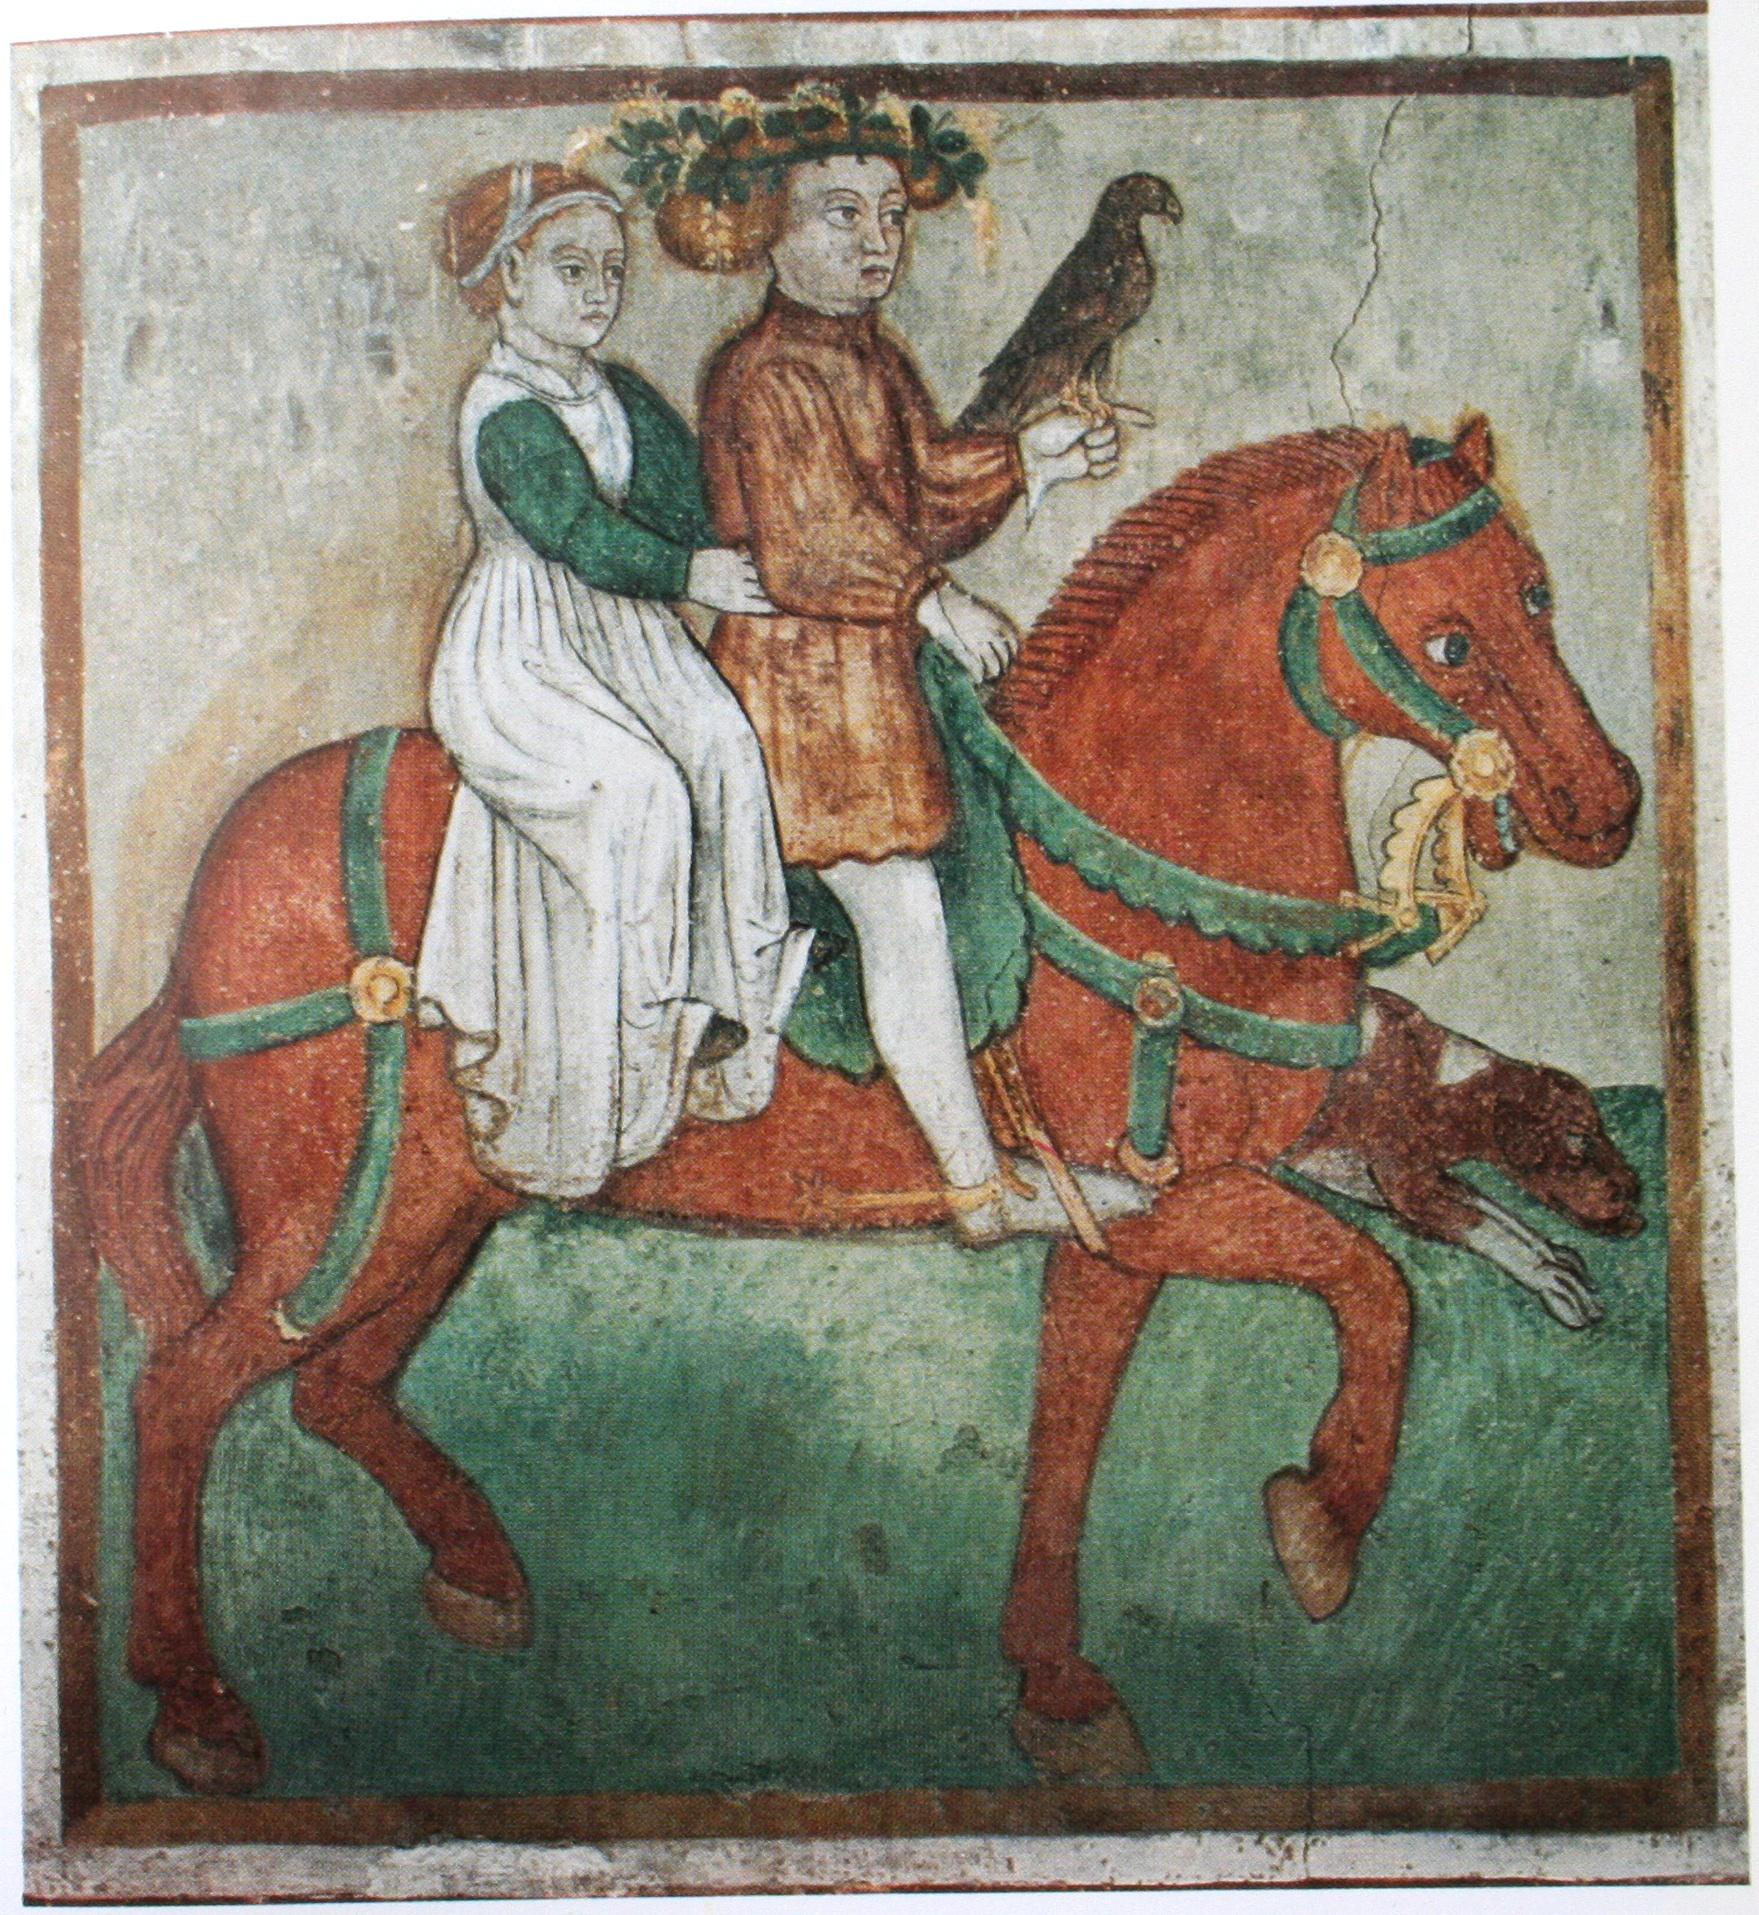 Ein junges Paar reitet zur Falkenjagd: Darstellung des Monats Mai in einer Wandmalerei der Kirche Sta. Maria del Castello, 13. Jh.